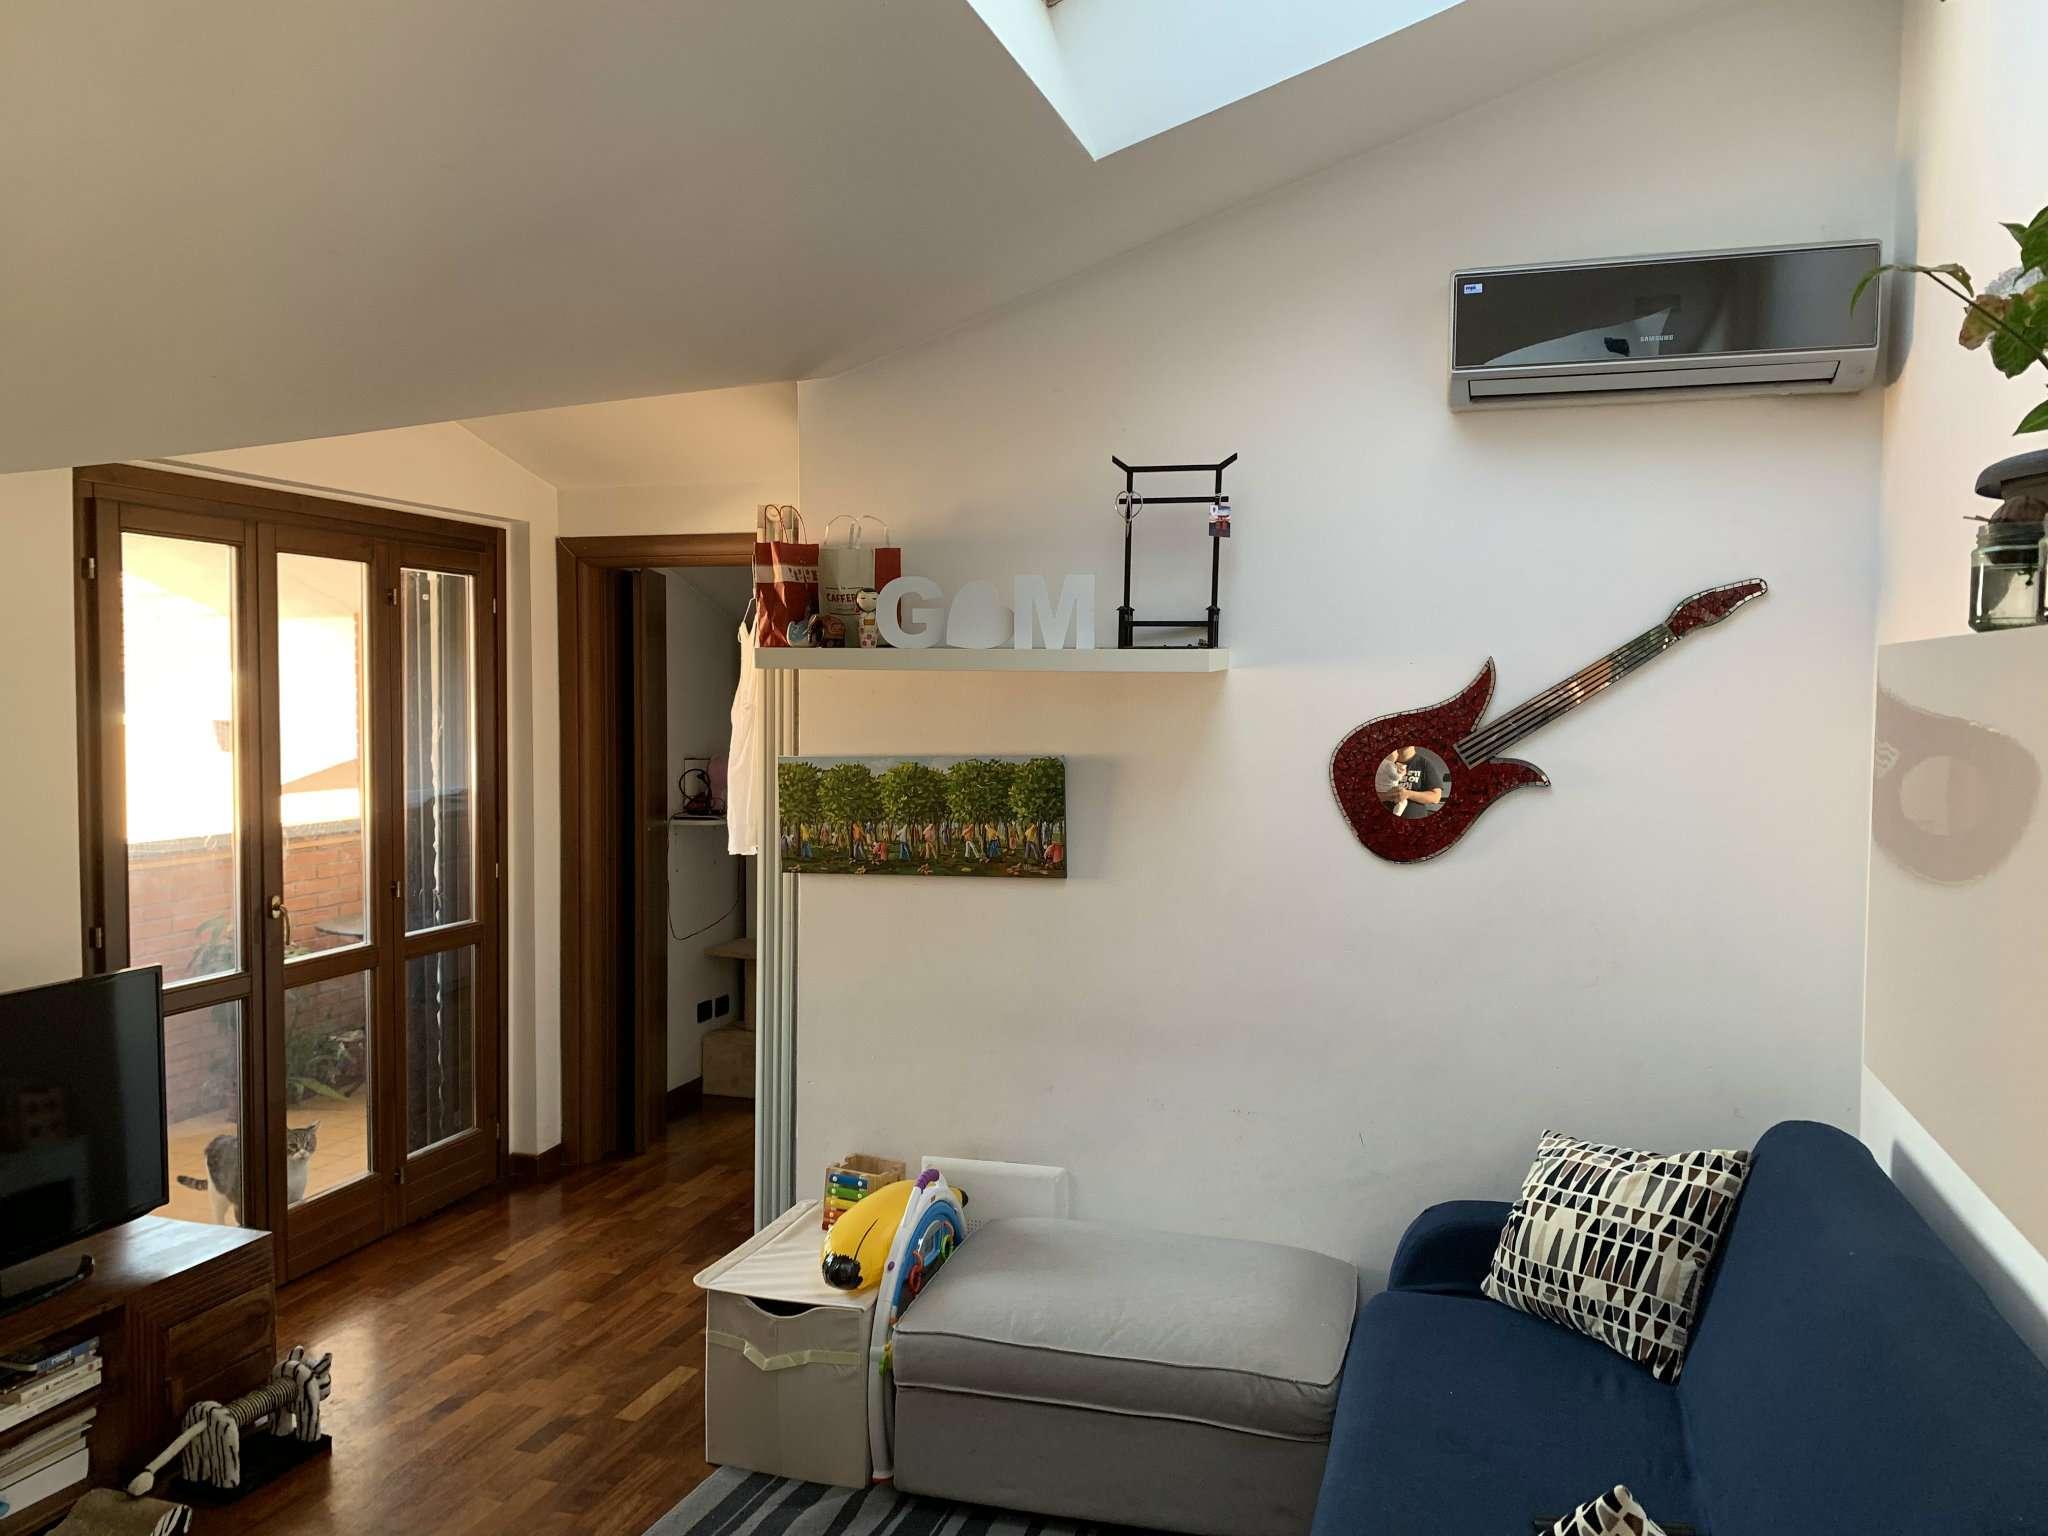 Appartamento in vendita a Caronno Pertusella, 2 locali, prezzo € 95.000 | PortaleAgenzieImmobiliari.it